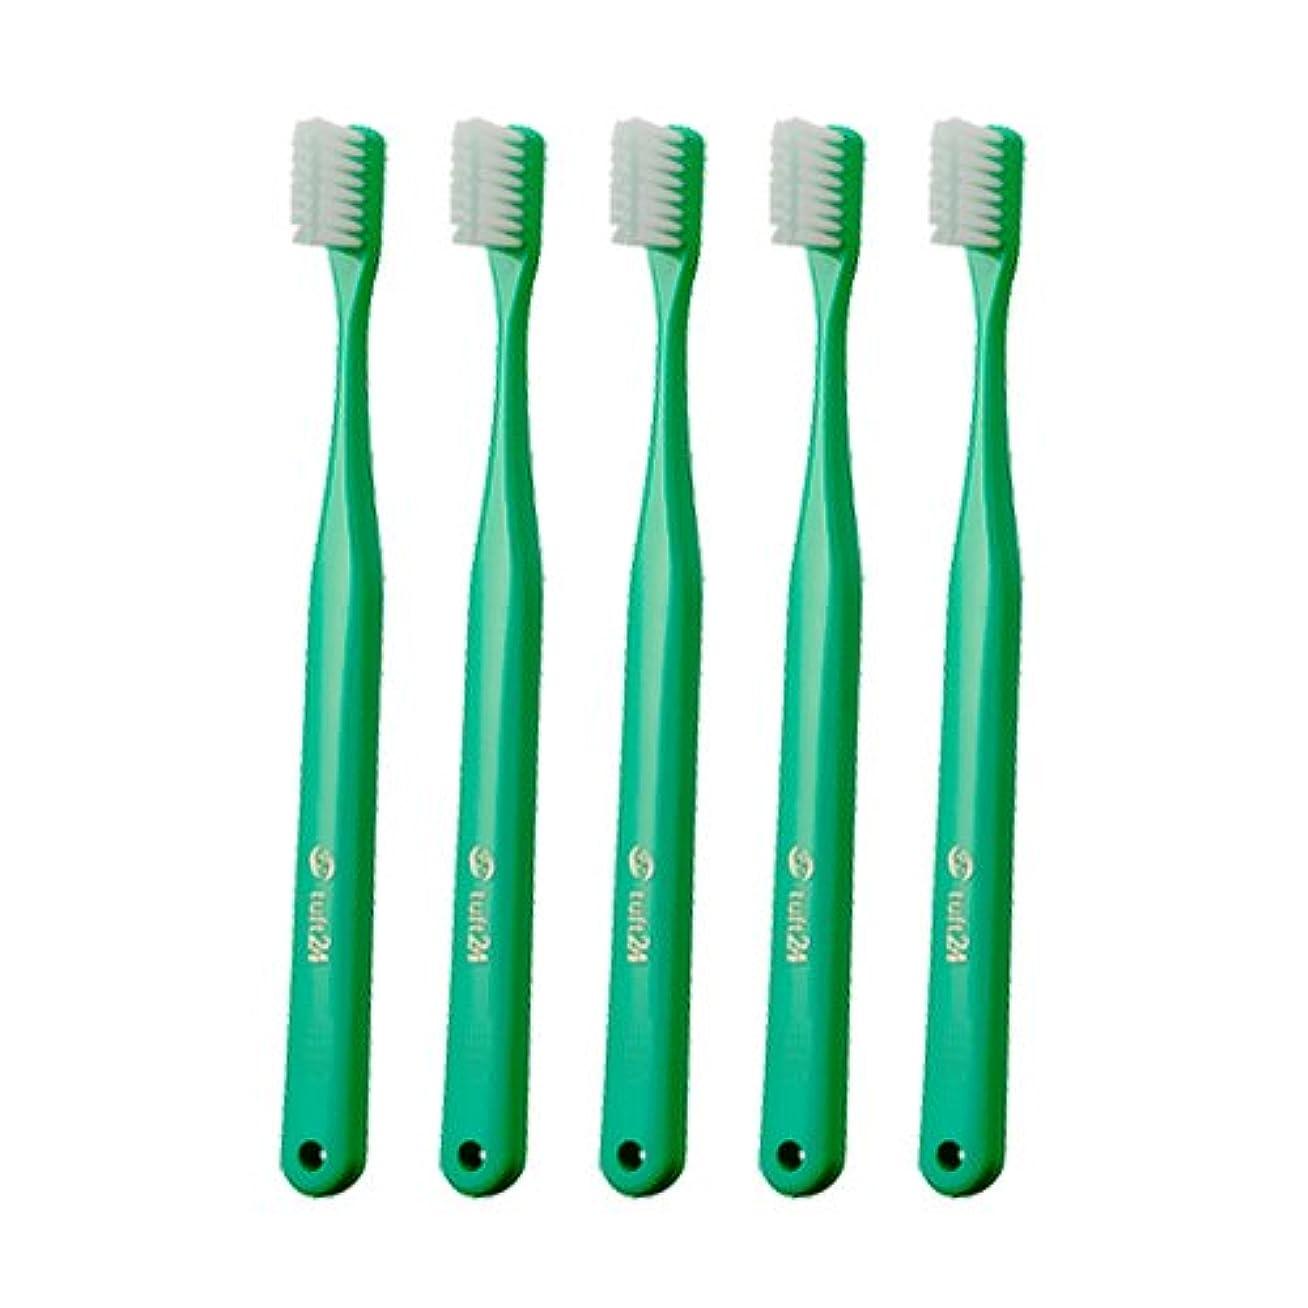 危機プレビスサイト将来のオーラルケア タフト24 歯ブラシ MSキャップなし 25本入 グリーン